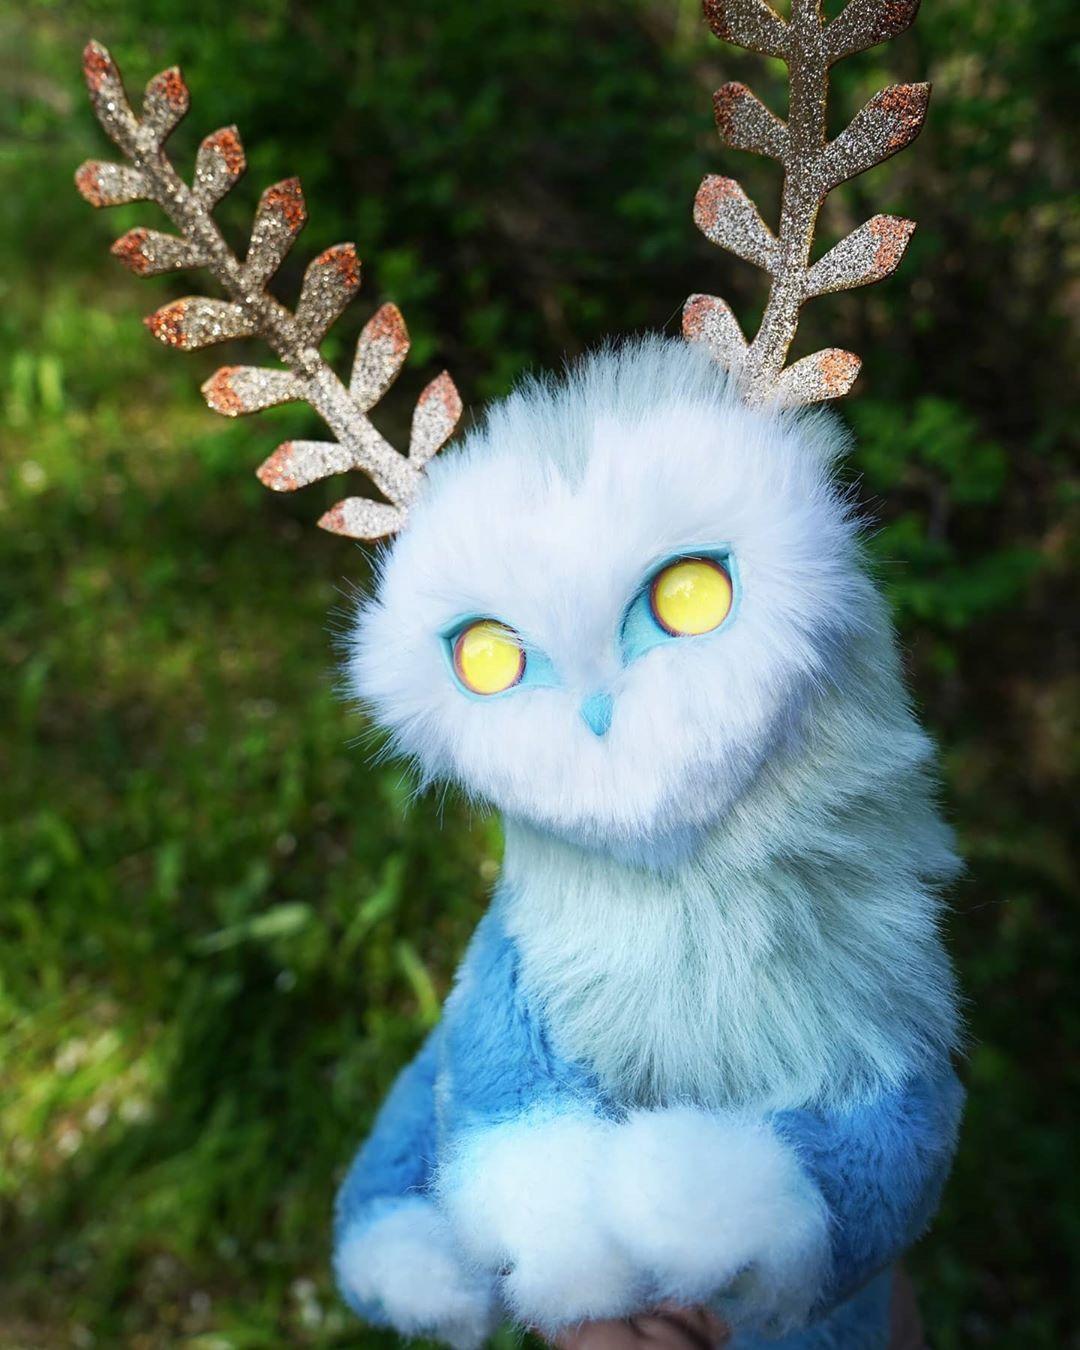 3 327 Likes 32 Comments Workshop Melvon Reine On Legend Of Zelda Legend Of Zelda Breath Fantasy Art Dolls